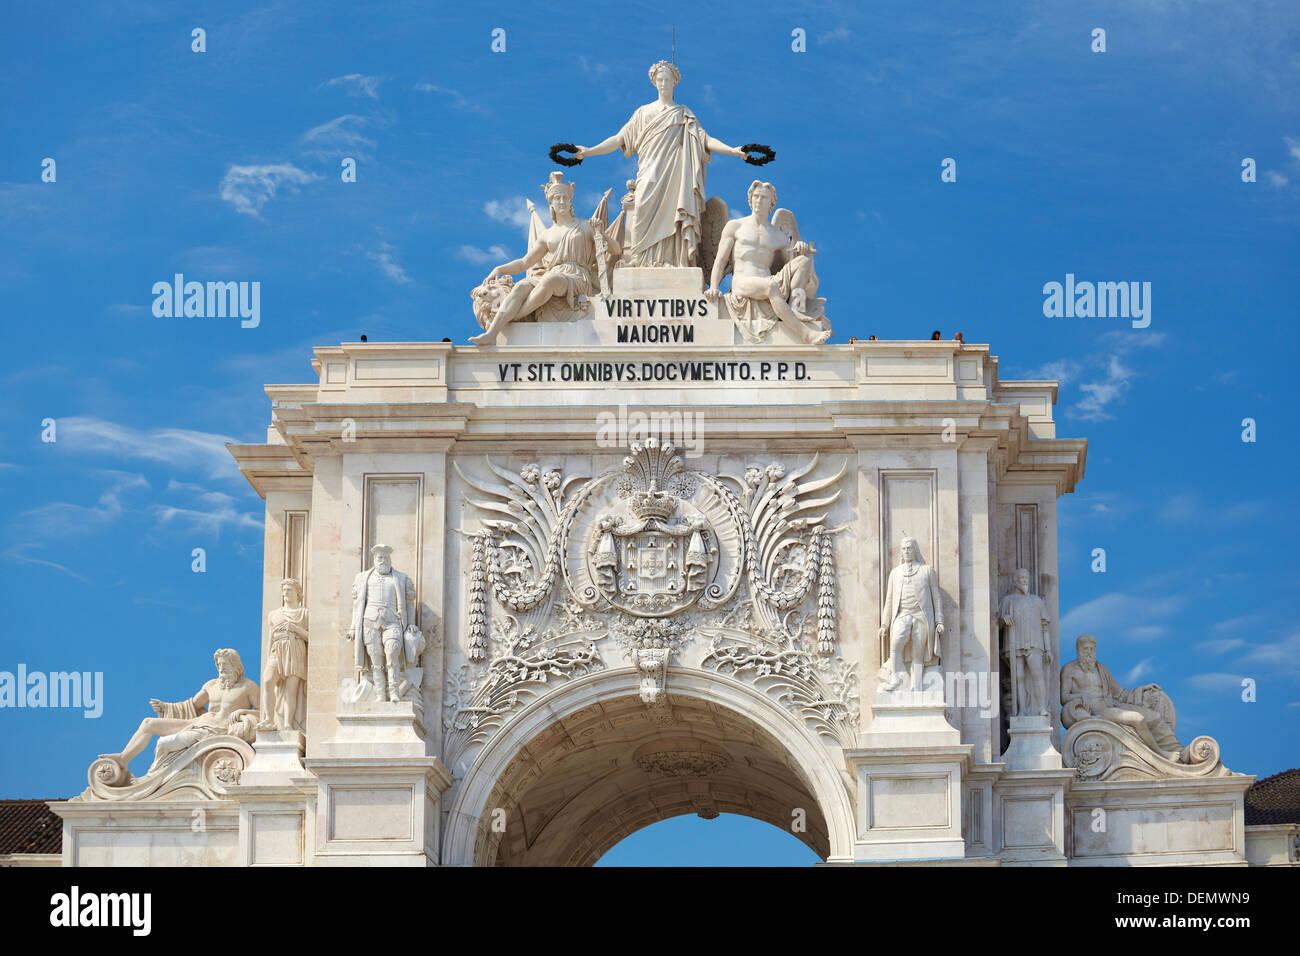 Arch at Commerce Square (Praca do Comercio), Lisboa, Portugal Imagen De Stock